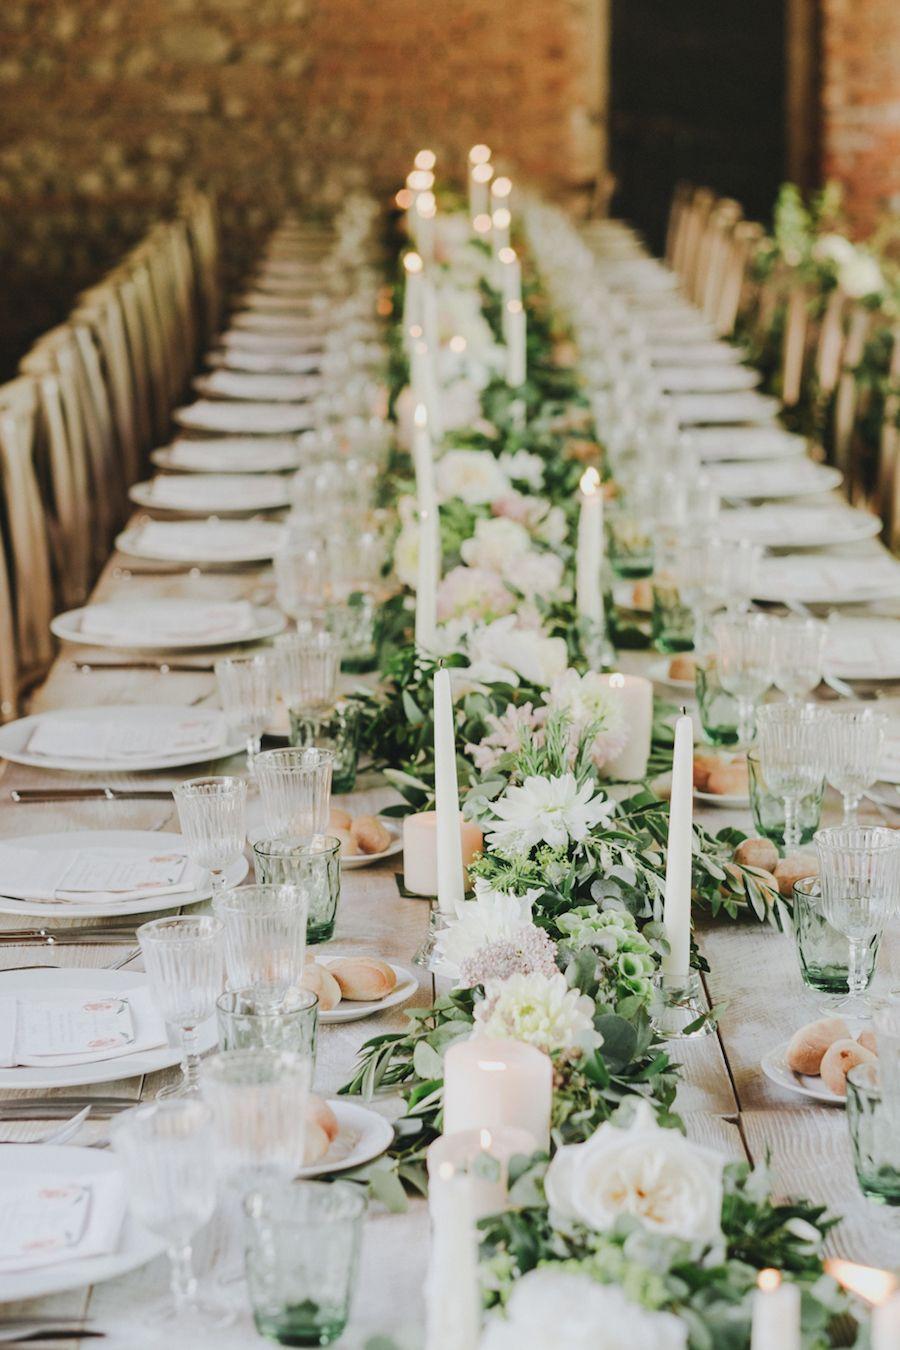 Addobbi Floreali Matrimonio Rustico : Tavolo imperiale: 16 idee per il vostro matrimonio wedding ideas